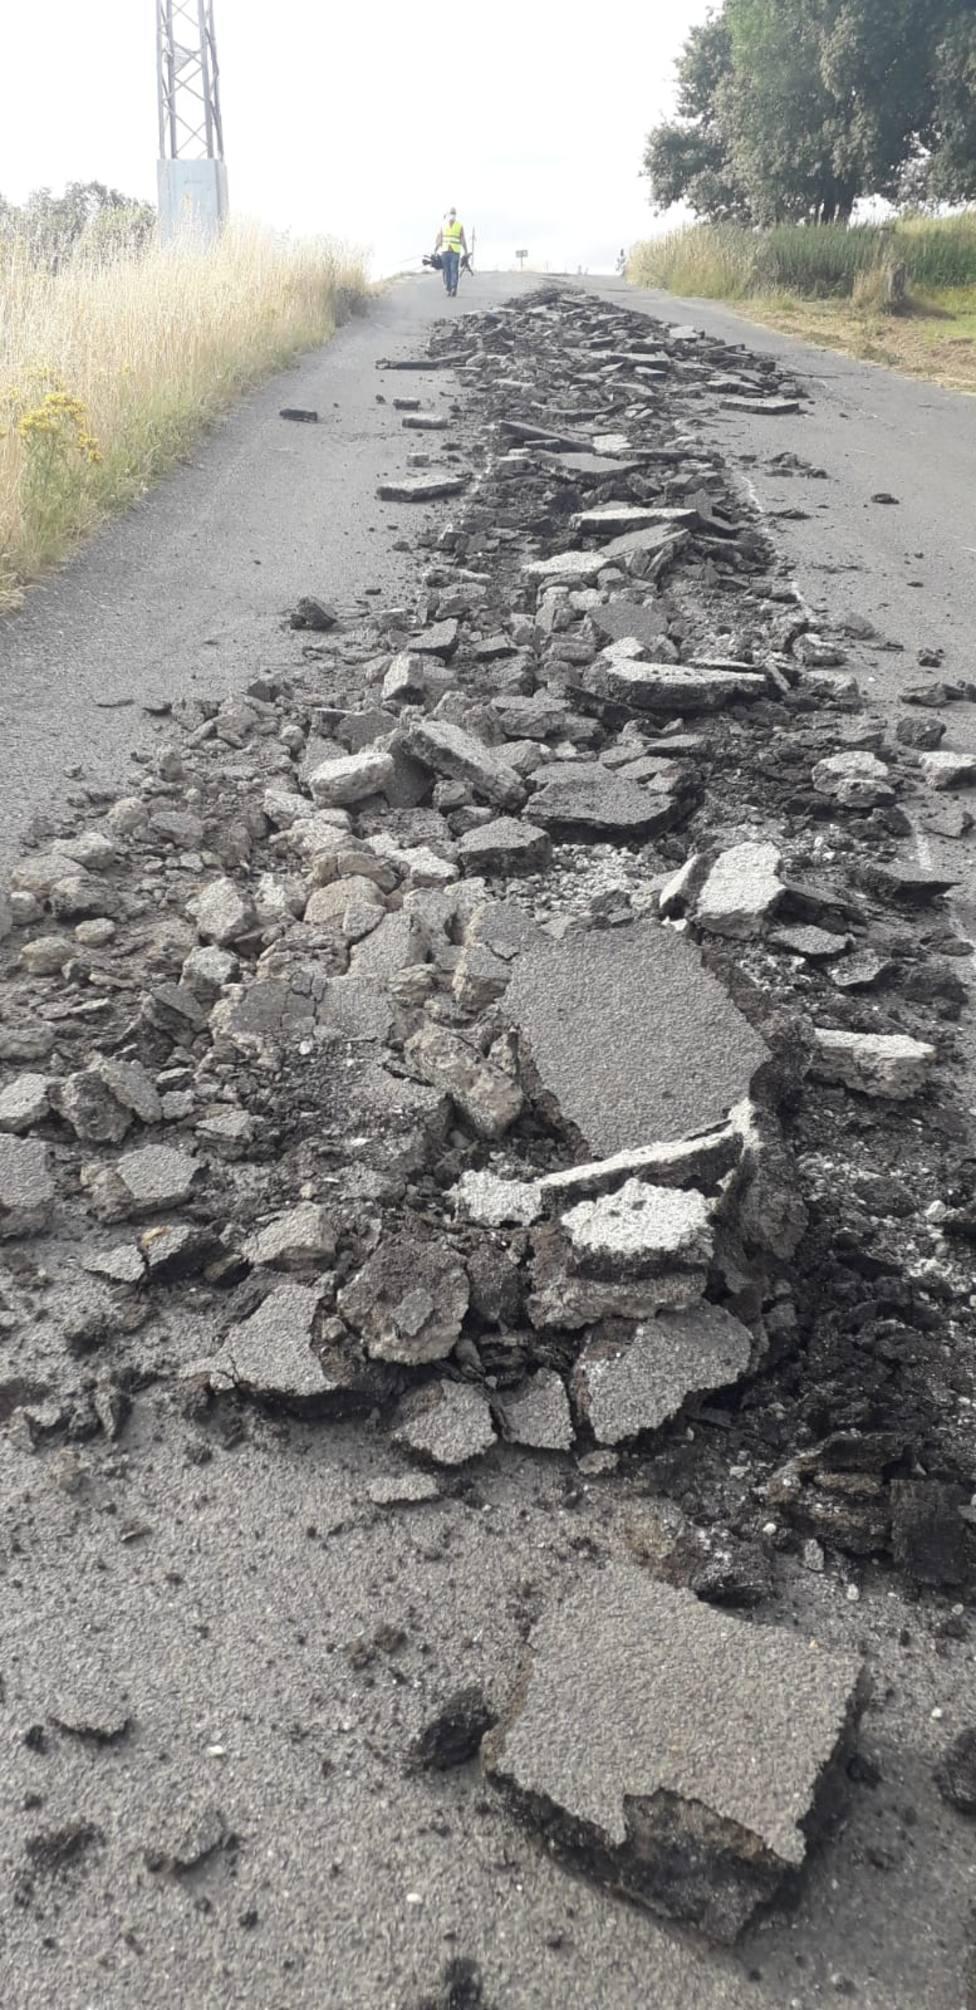 Los daños afectan a unos 100 metros de la carretera provincial